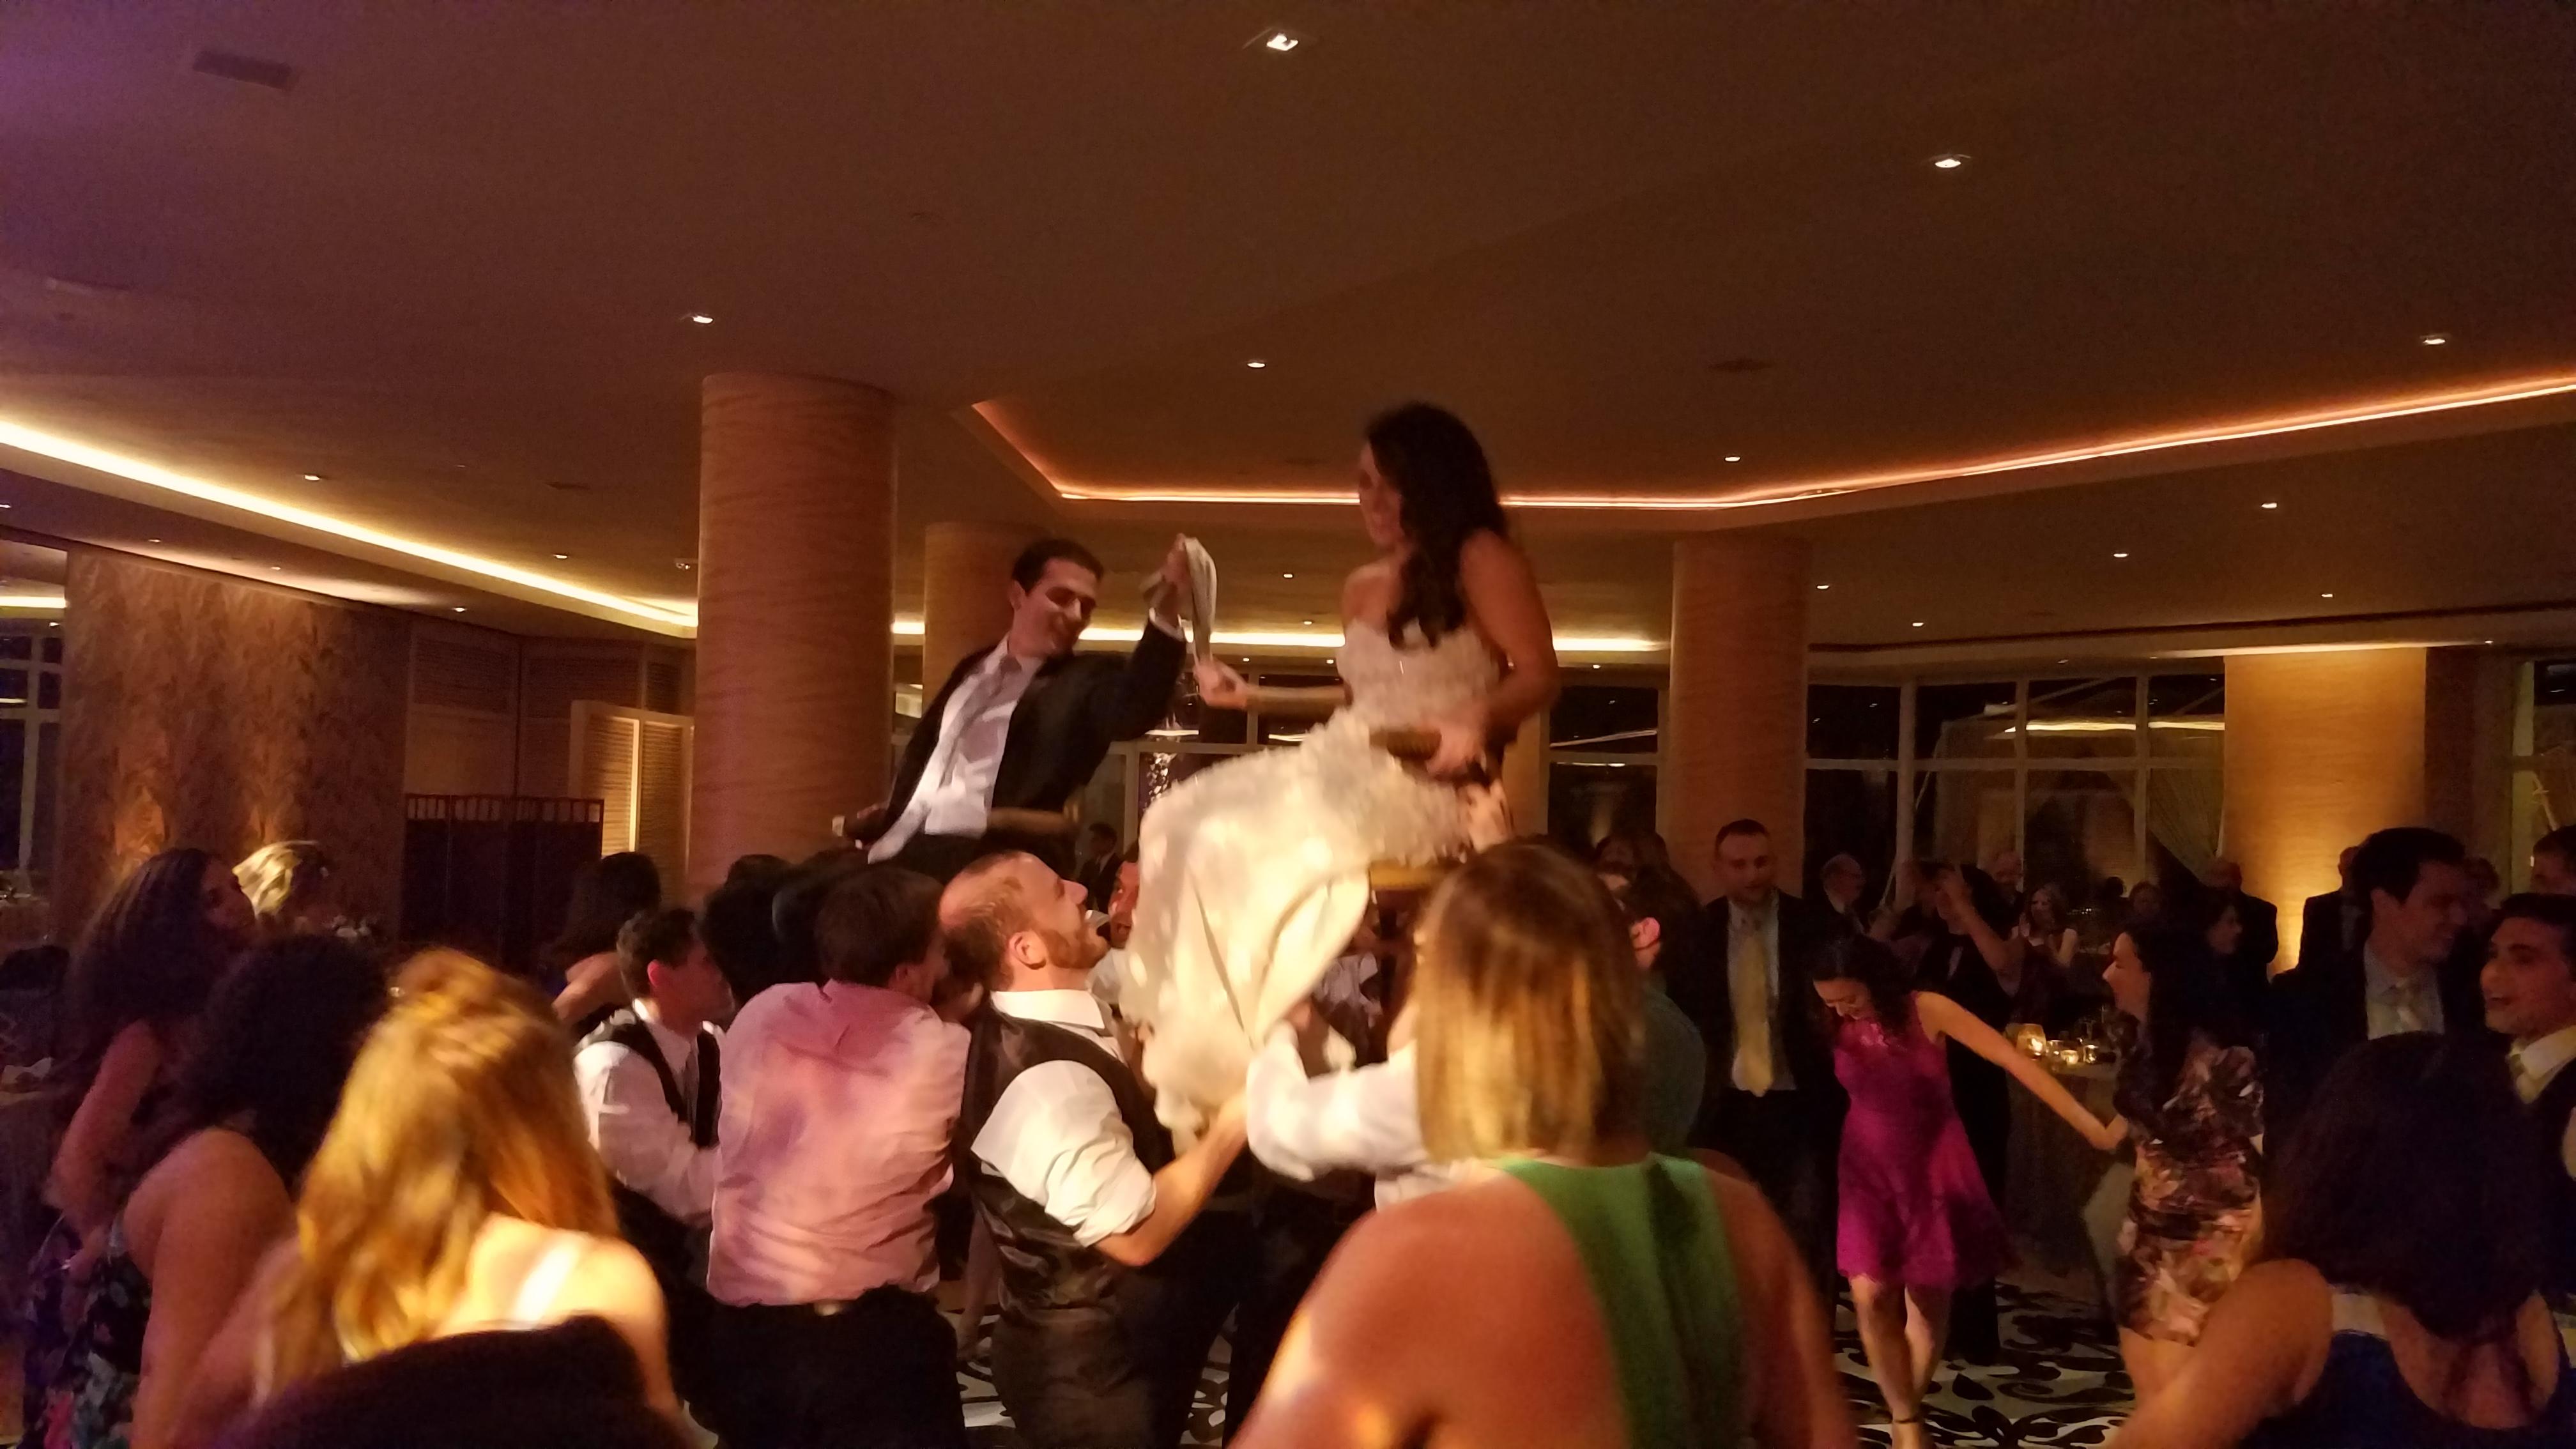 Biltmore Santa Barbara wedding entertainment